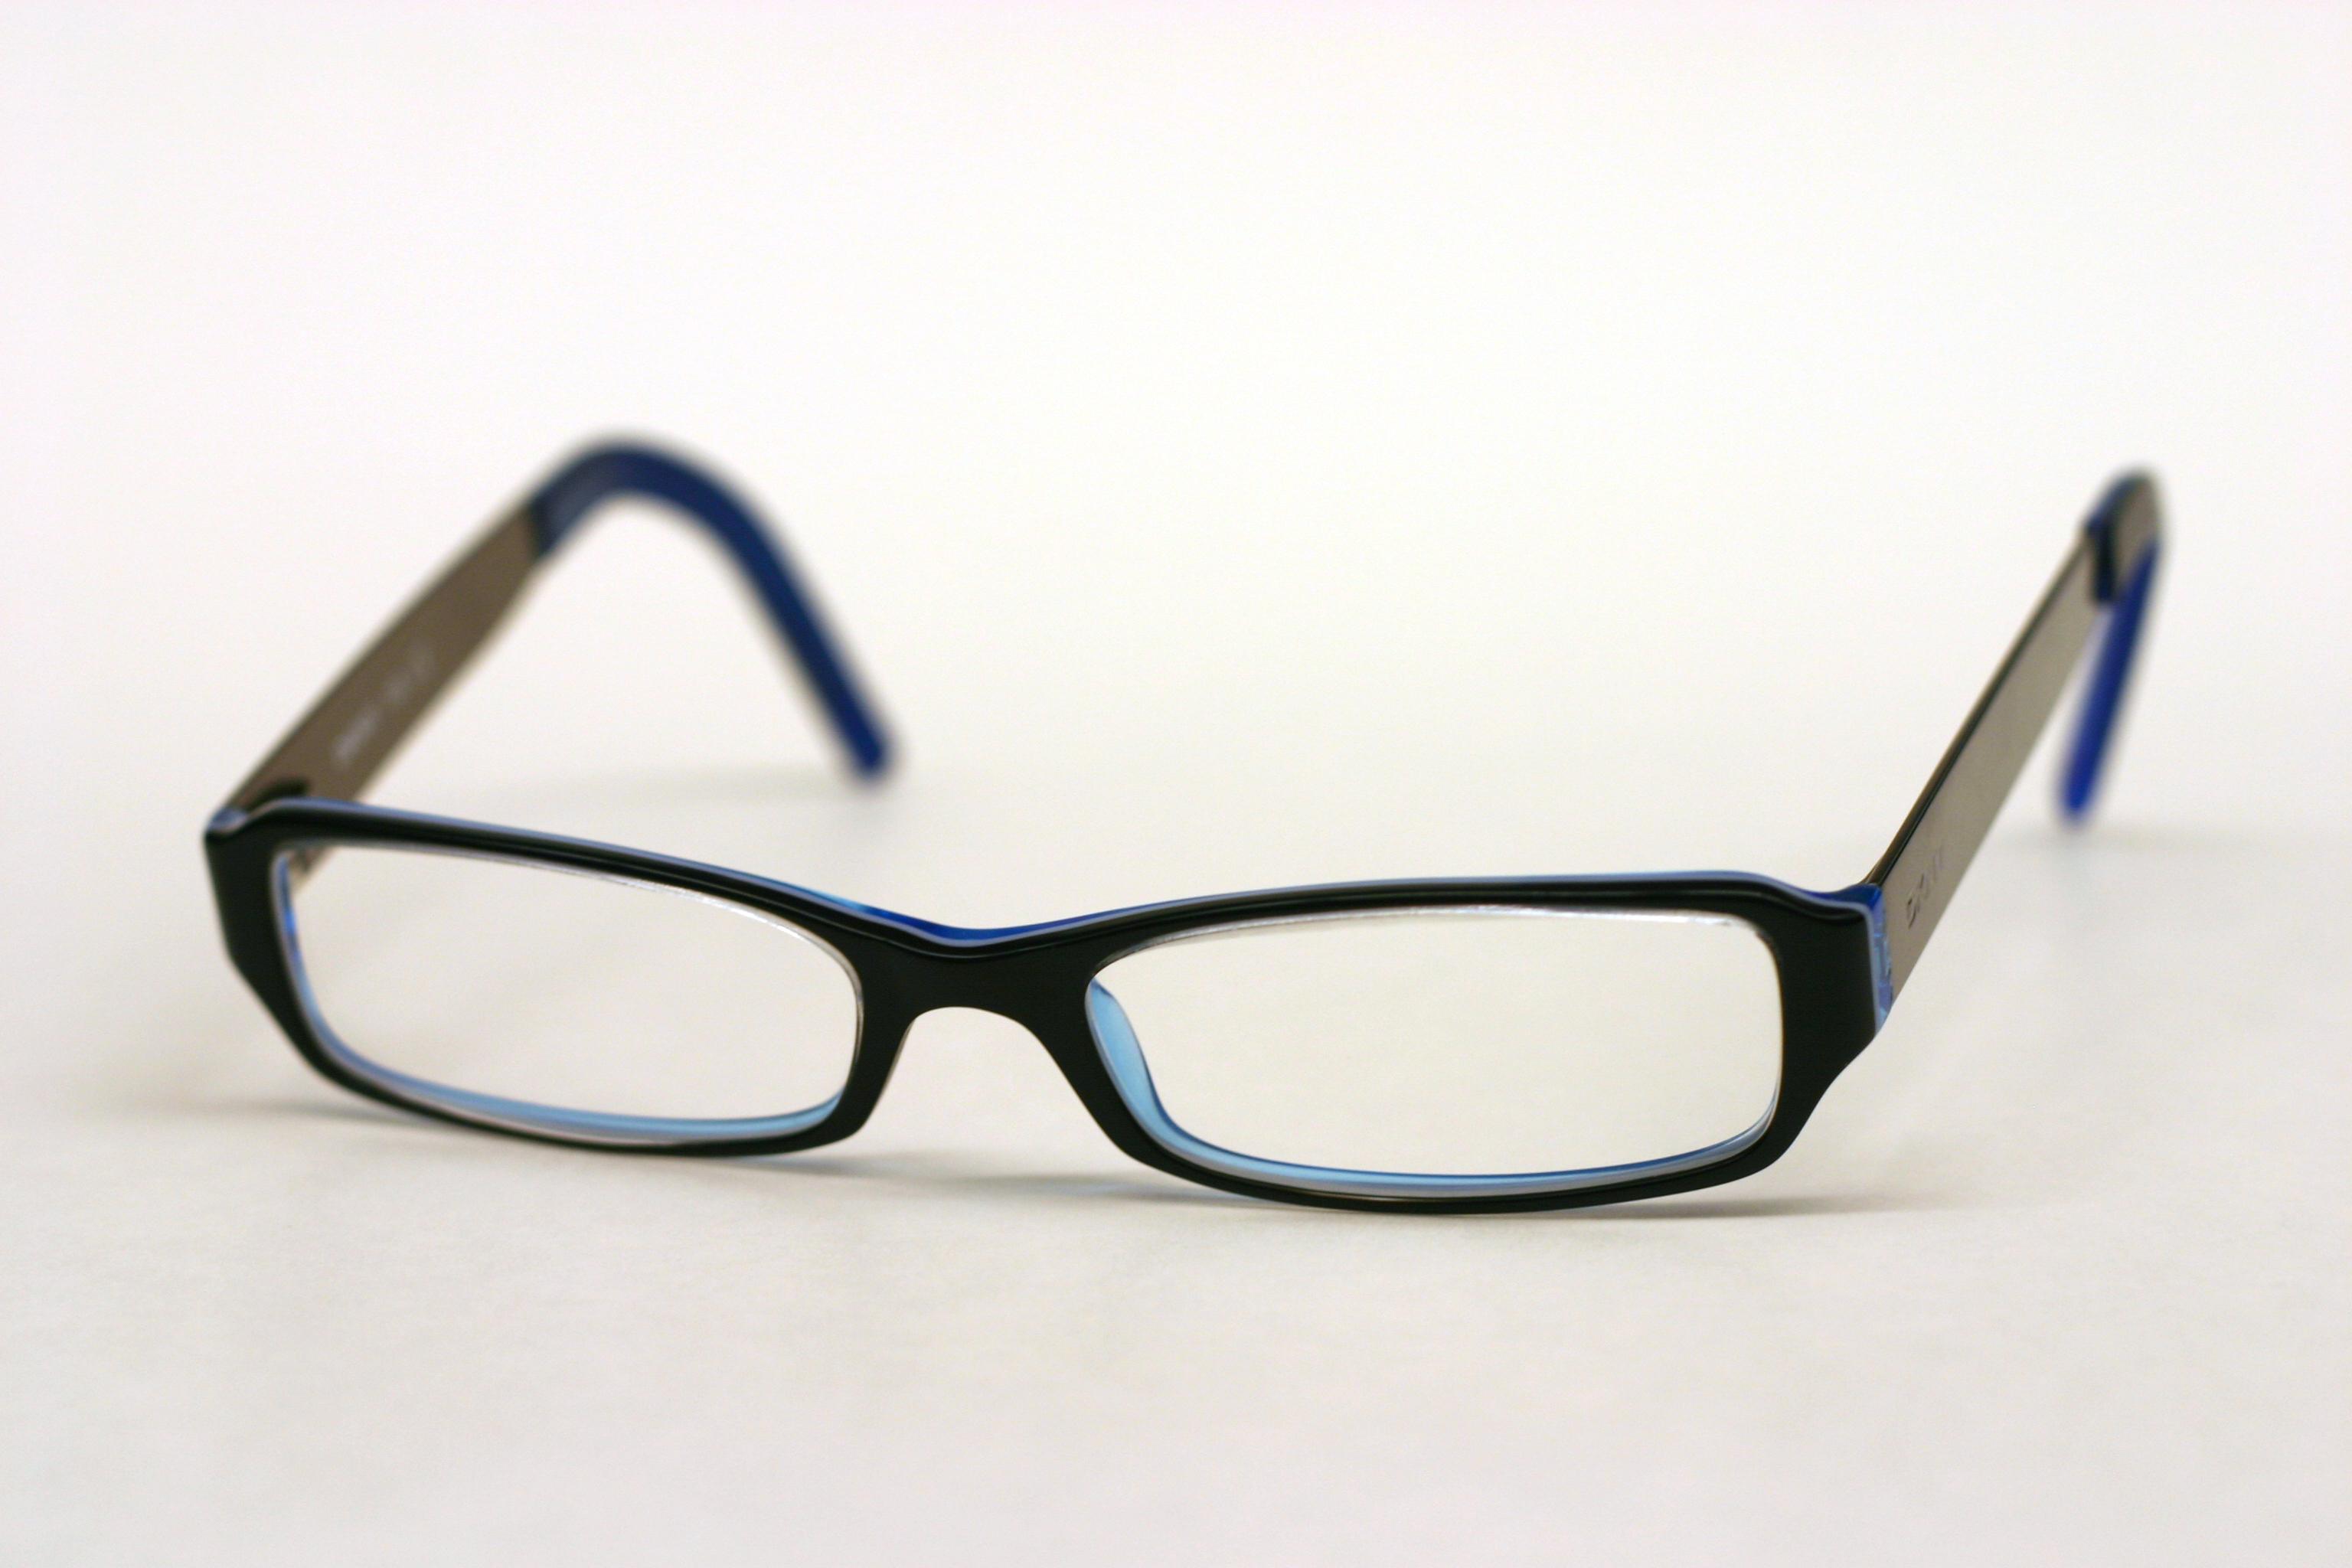 filedkny glassesjpg - Dkny Frames